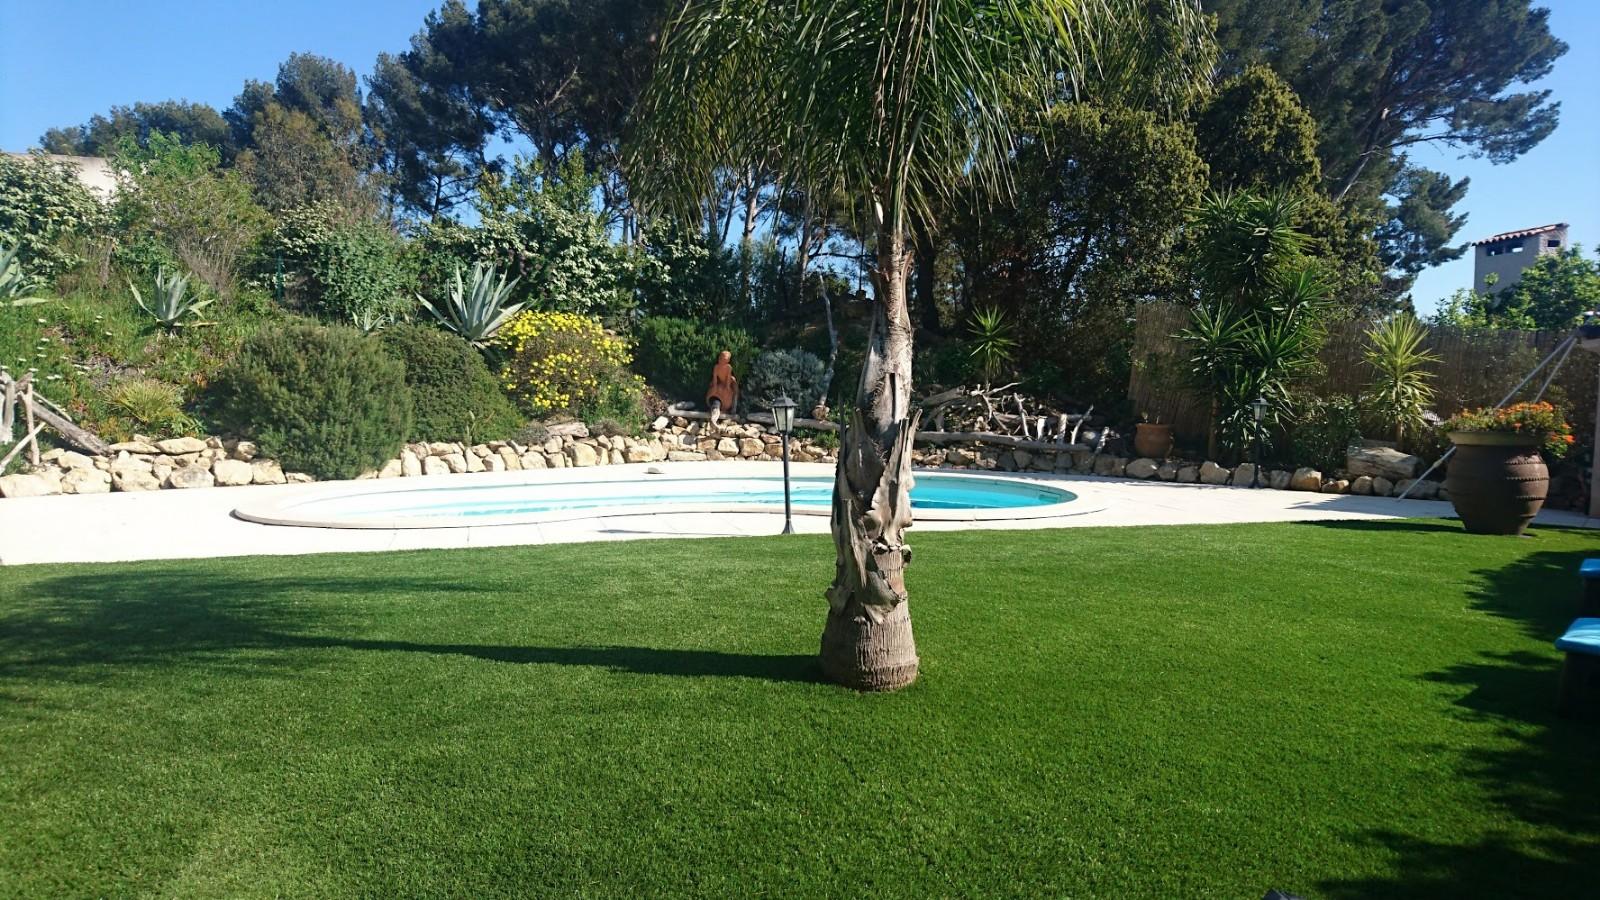 pose de pelouse synth tique autour d 39 une piscine. Black Bedroom Furniture Sets. Home Design Ideas